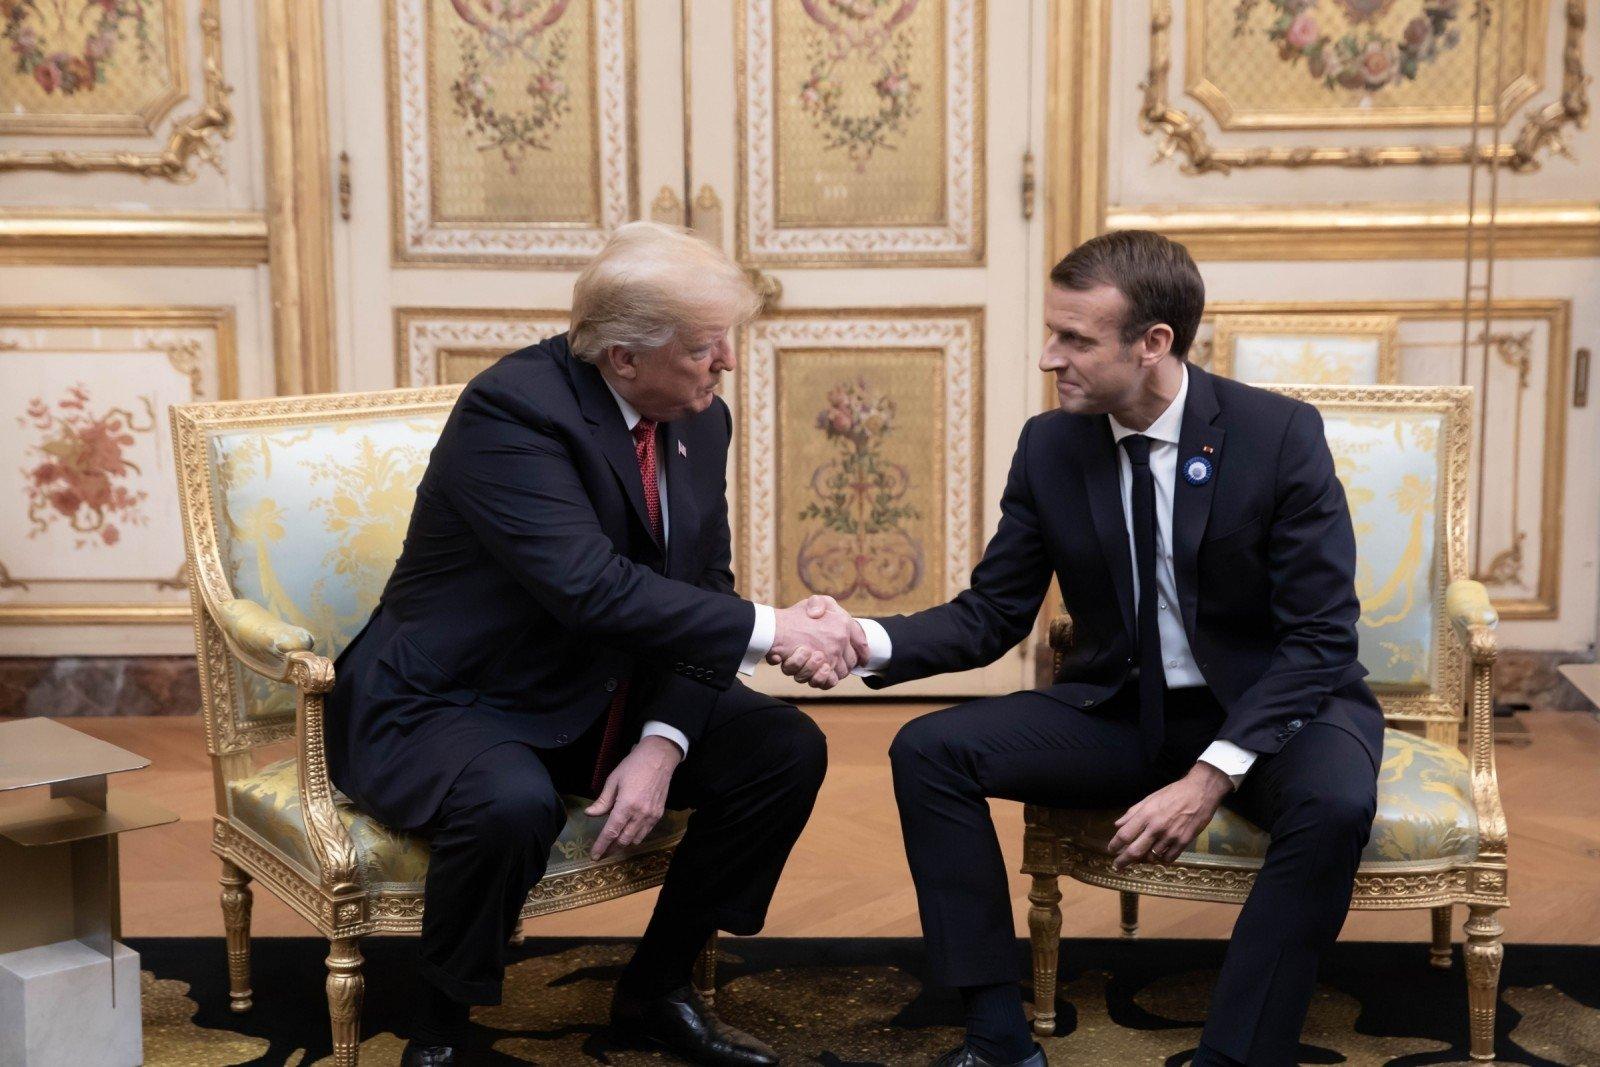 Макрон созывает «желтых жилетов» на общенациональные  дебаты— бесспорная  капитуляция